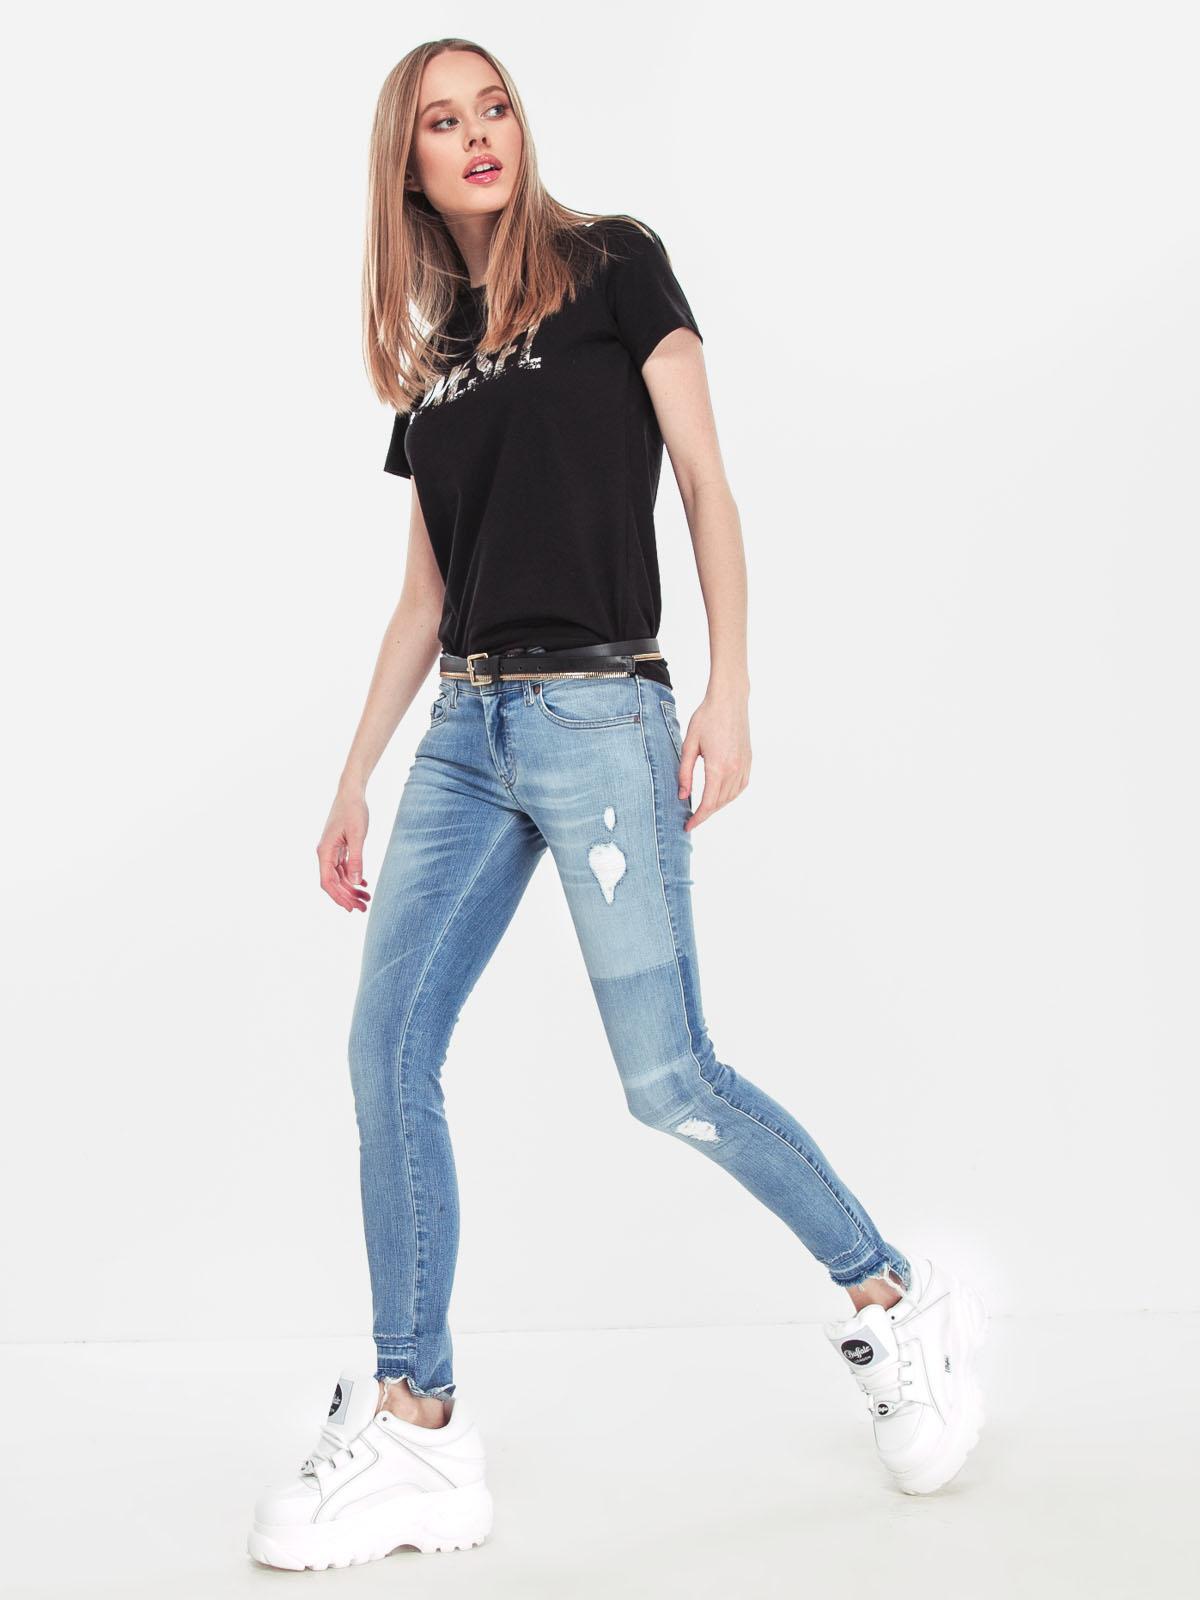 e588fb3b8a7 ... Naiste teksad DIESEL SLANDY-LOW, Naiste teksad ...